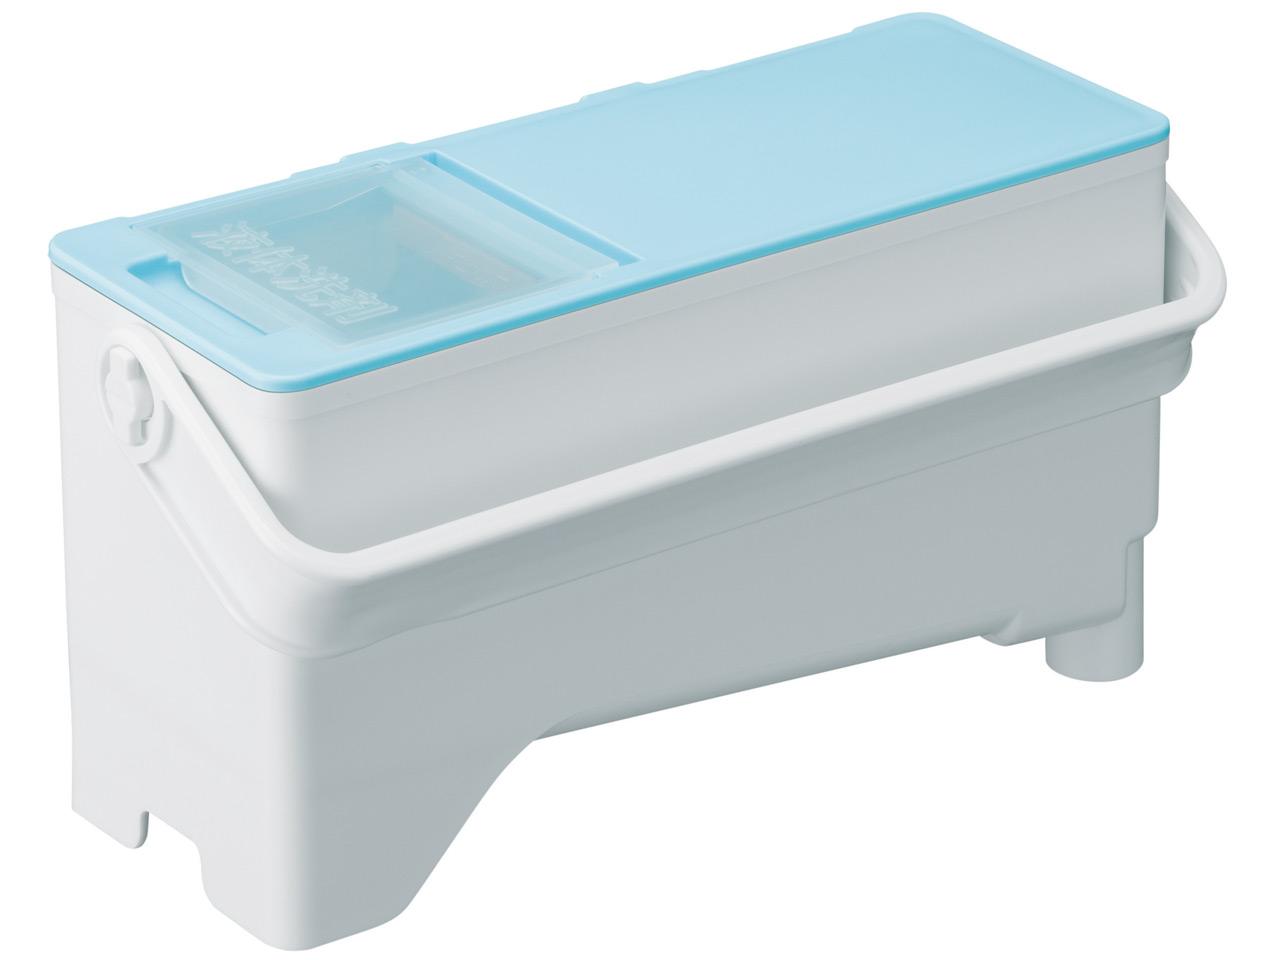 『液体洗剤タンク』 ヒートリサイクル 風アイロン ビッグドラム BD-SX110CL の製品画像